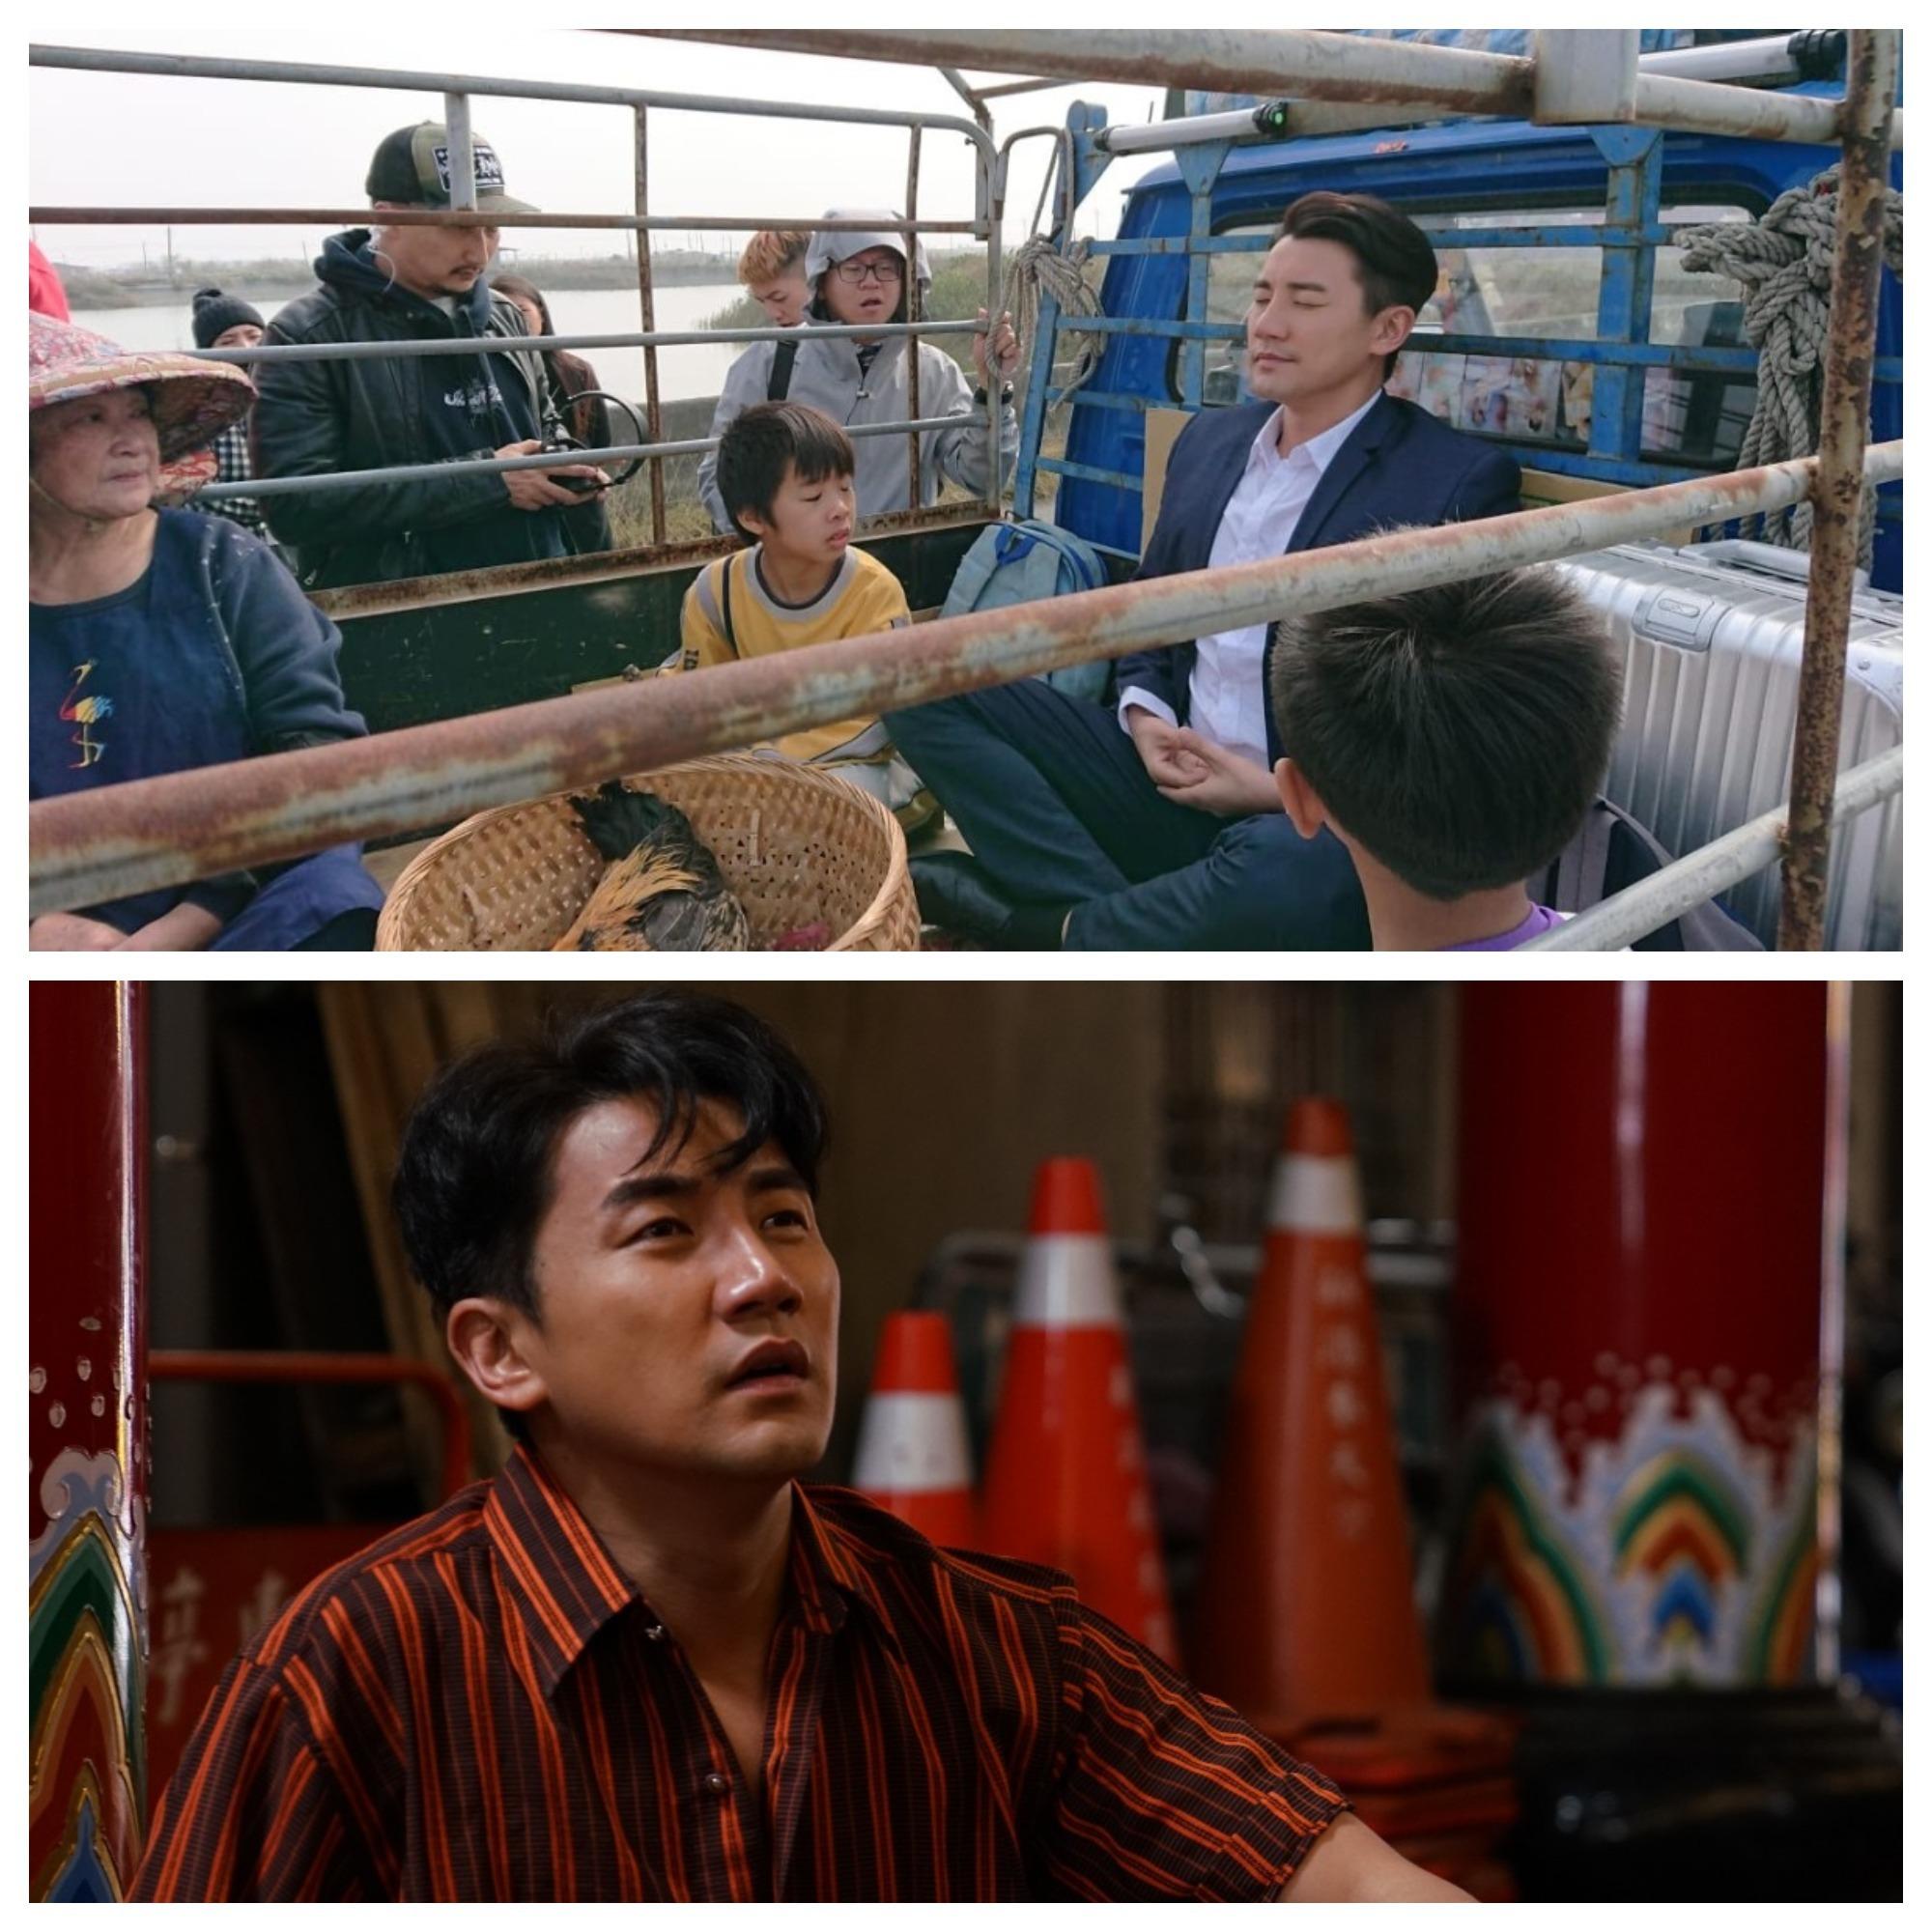 由公路事件衍生出來的故事,從洪永城乘坐林師傑的順風車開始,發生一連串趣事。